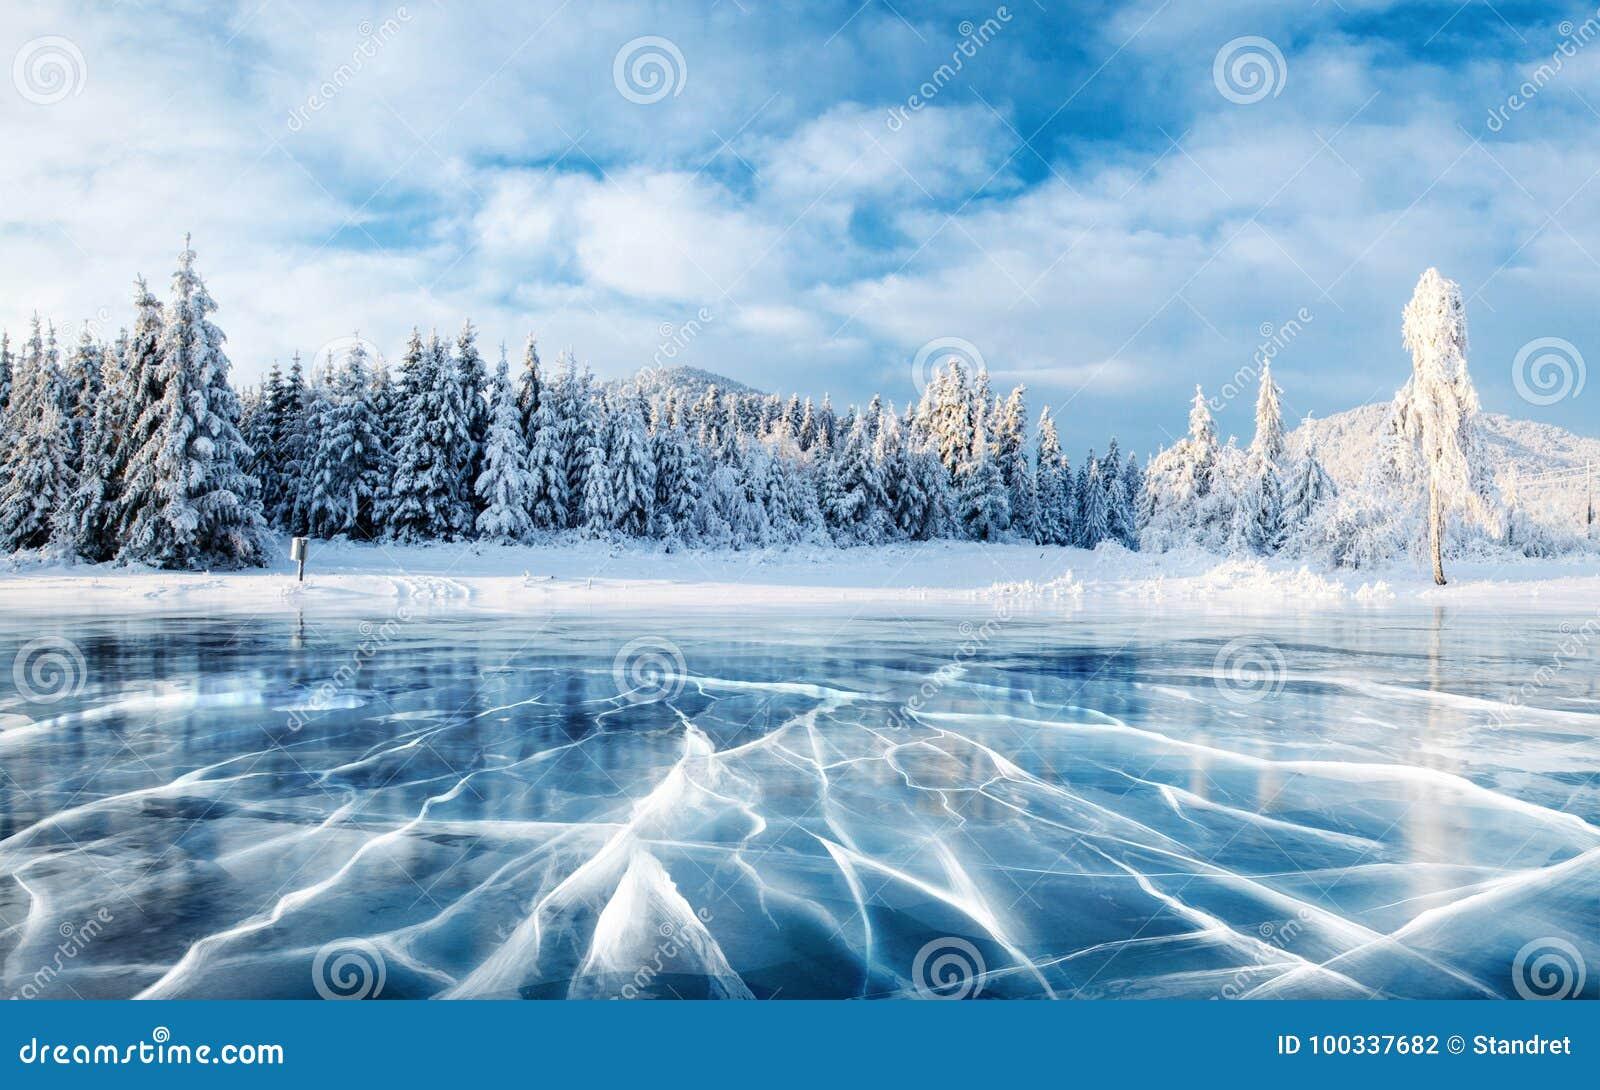 Glace et fissures bleues sur la surface de la glace Lac congelé sous un ciel bleu pendant l hiver Les collines des pins L hiver